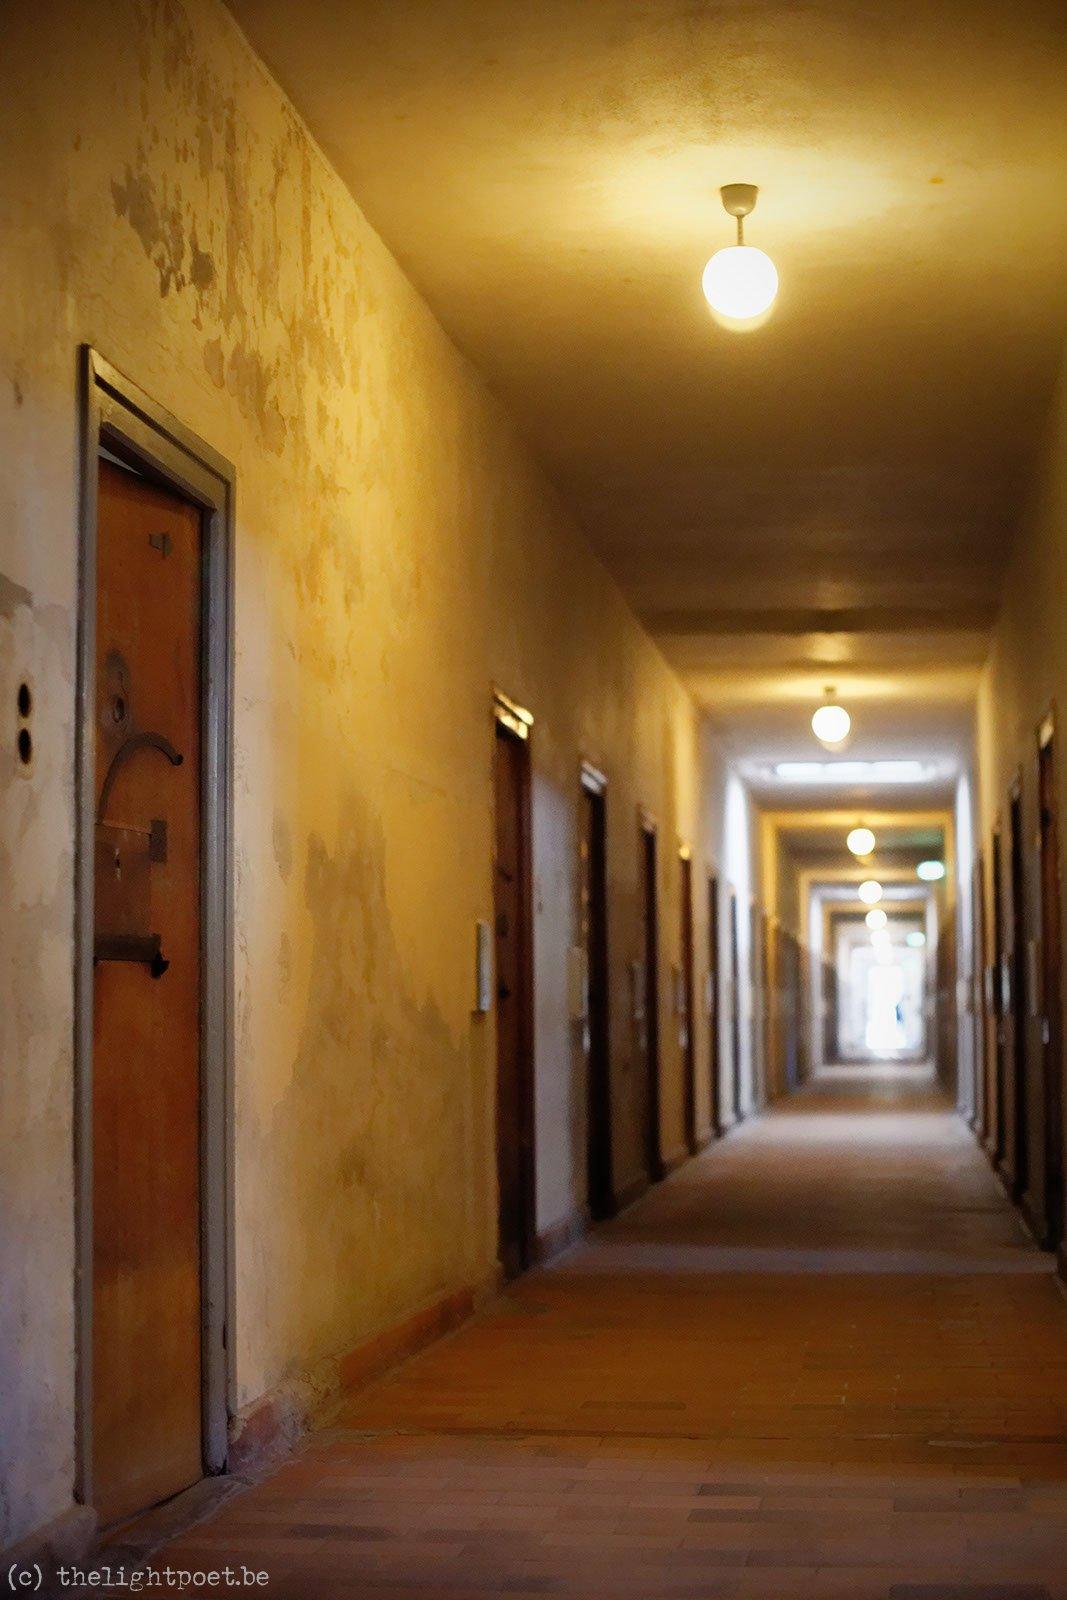 2014_07_Dachau_20140719_094356_DxO_v9